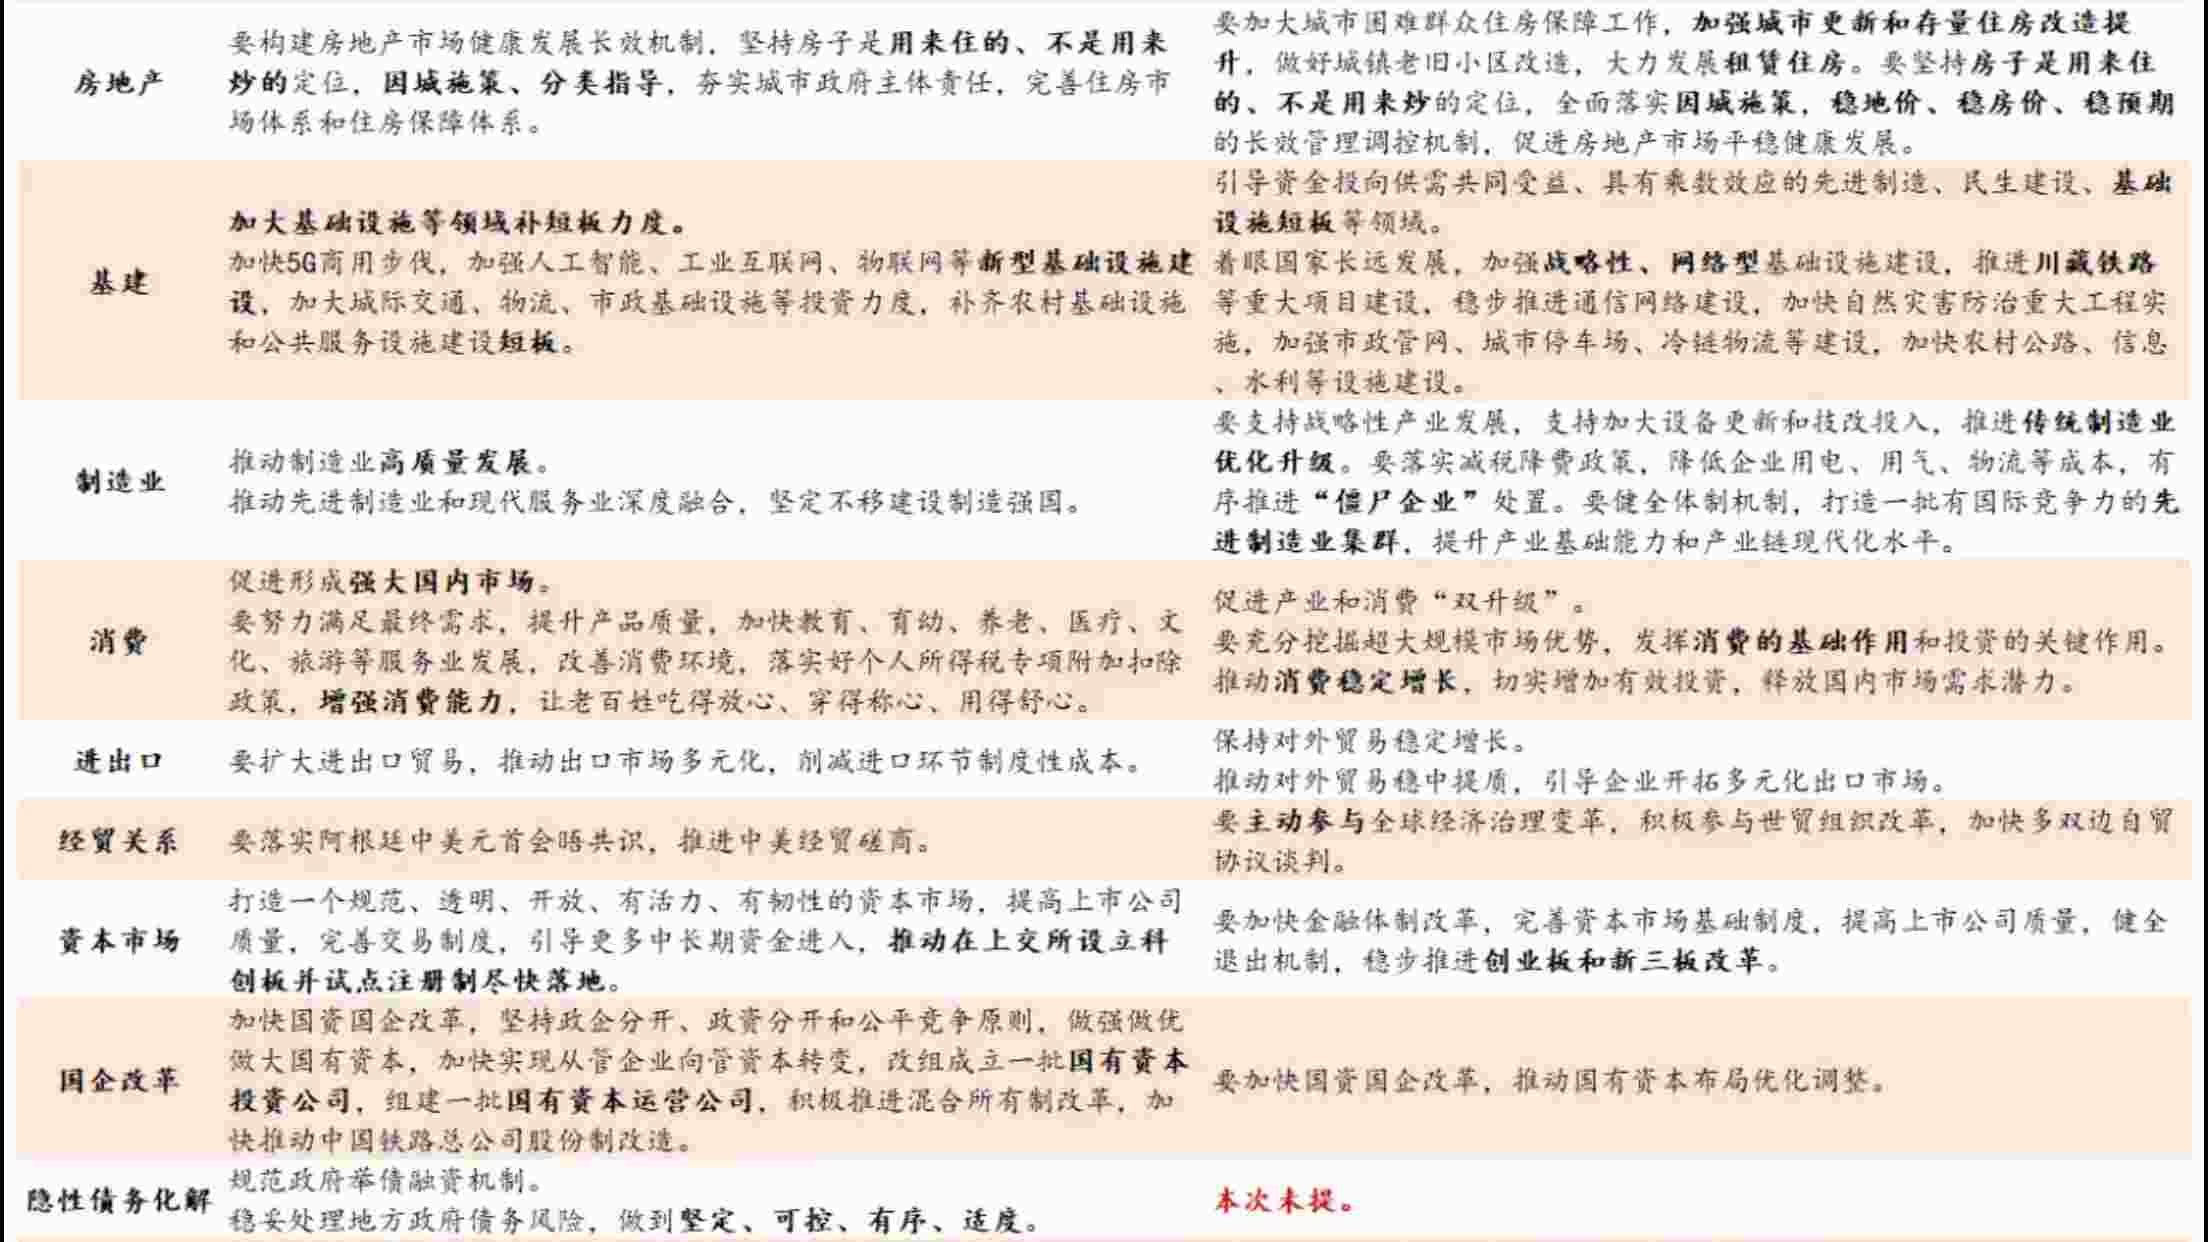 申博代「理app:中心」经济工『作』